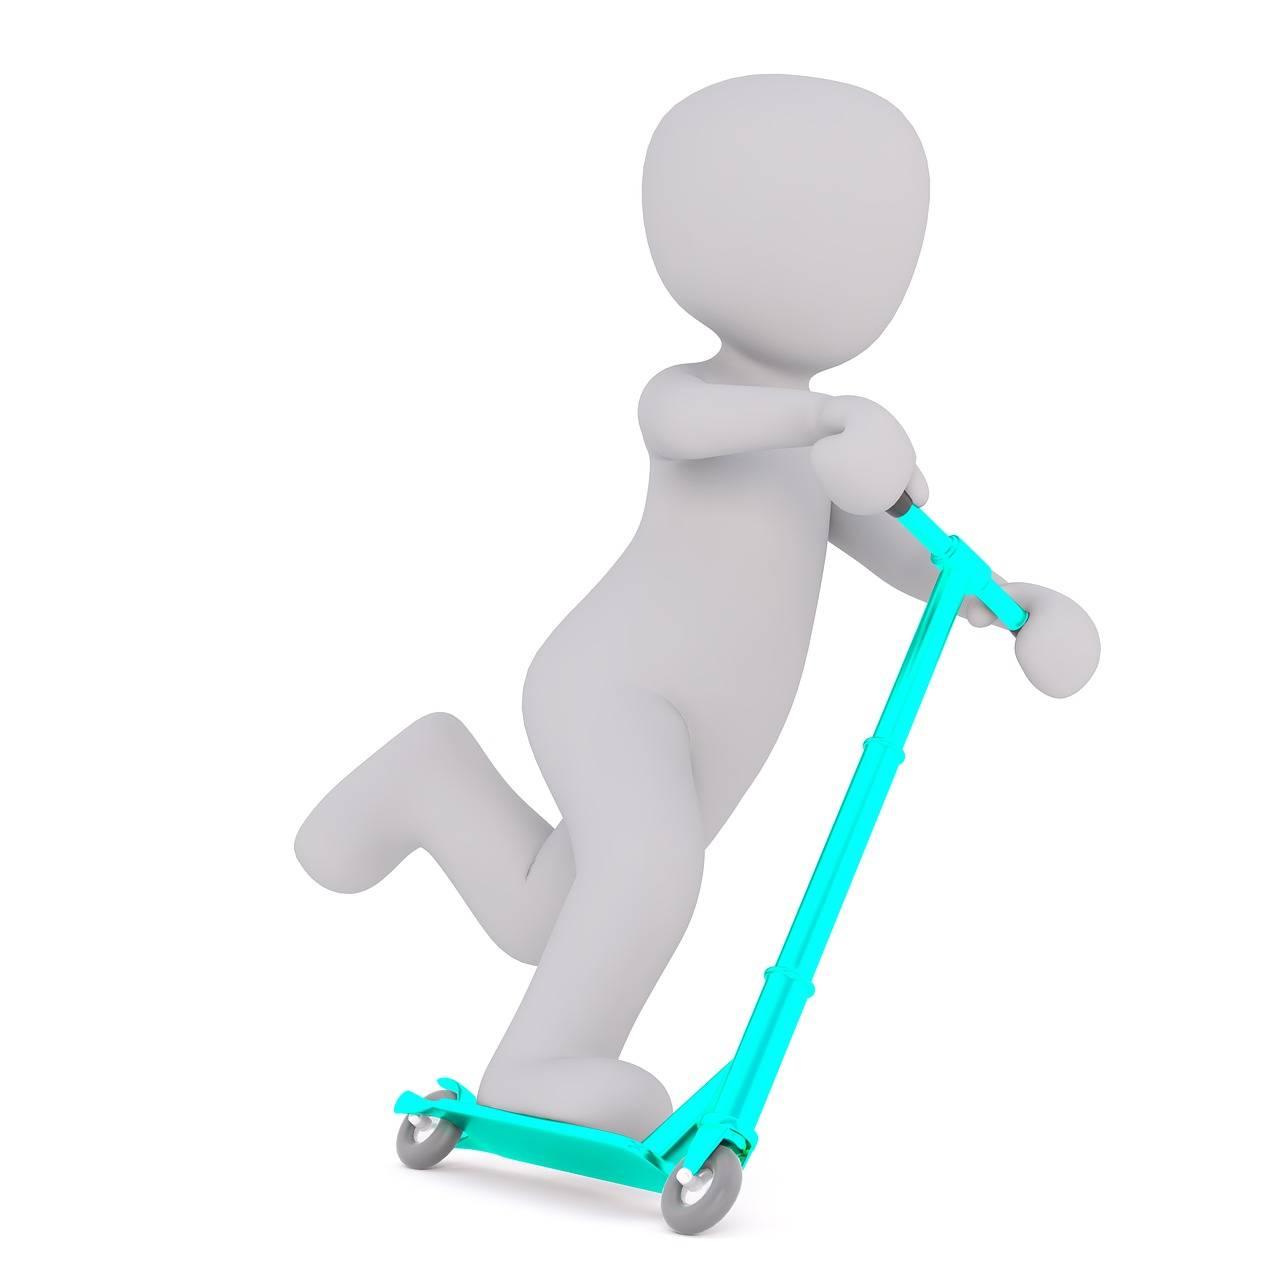 Skiroji za prevoz ali vadbo